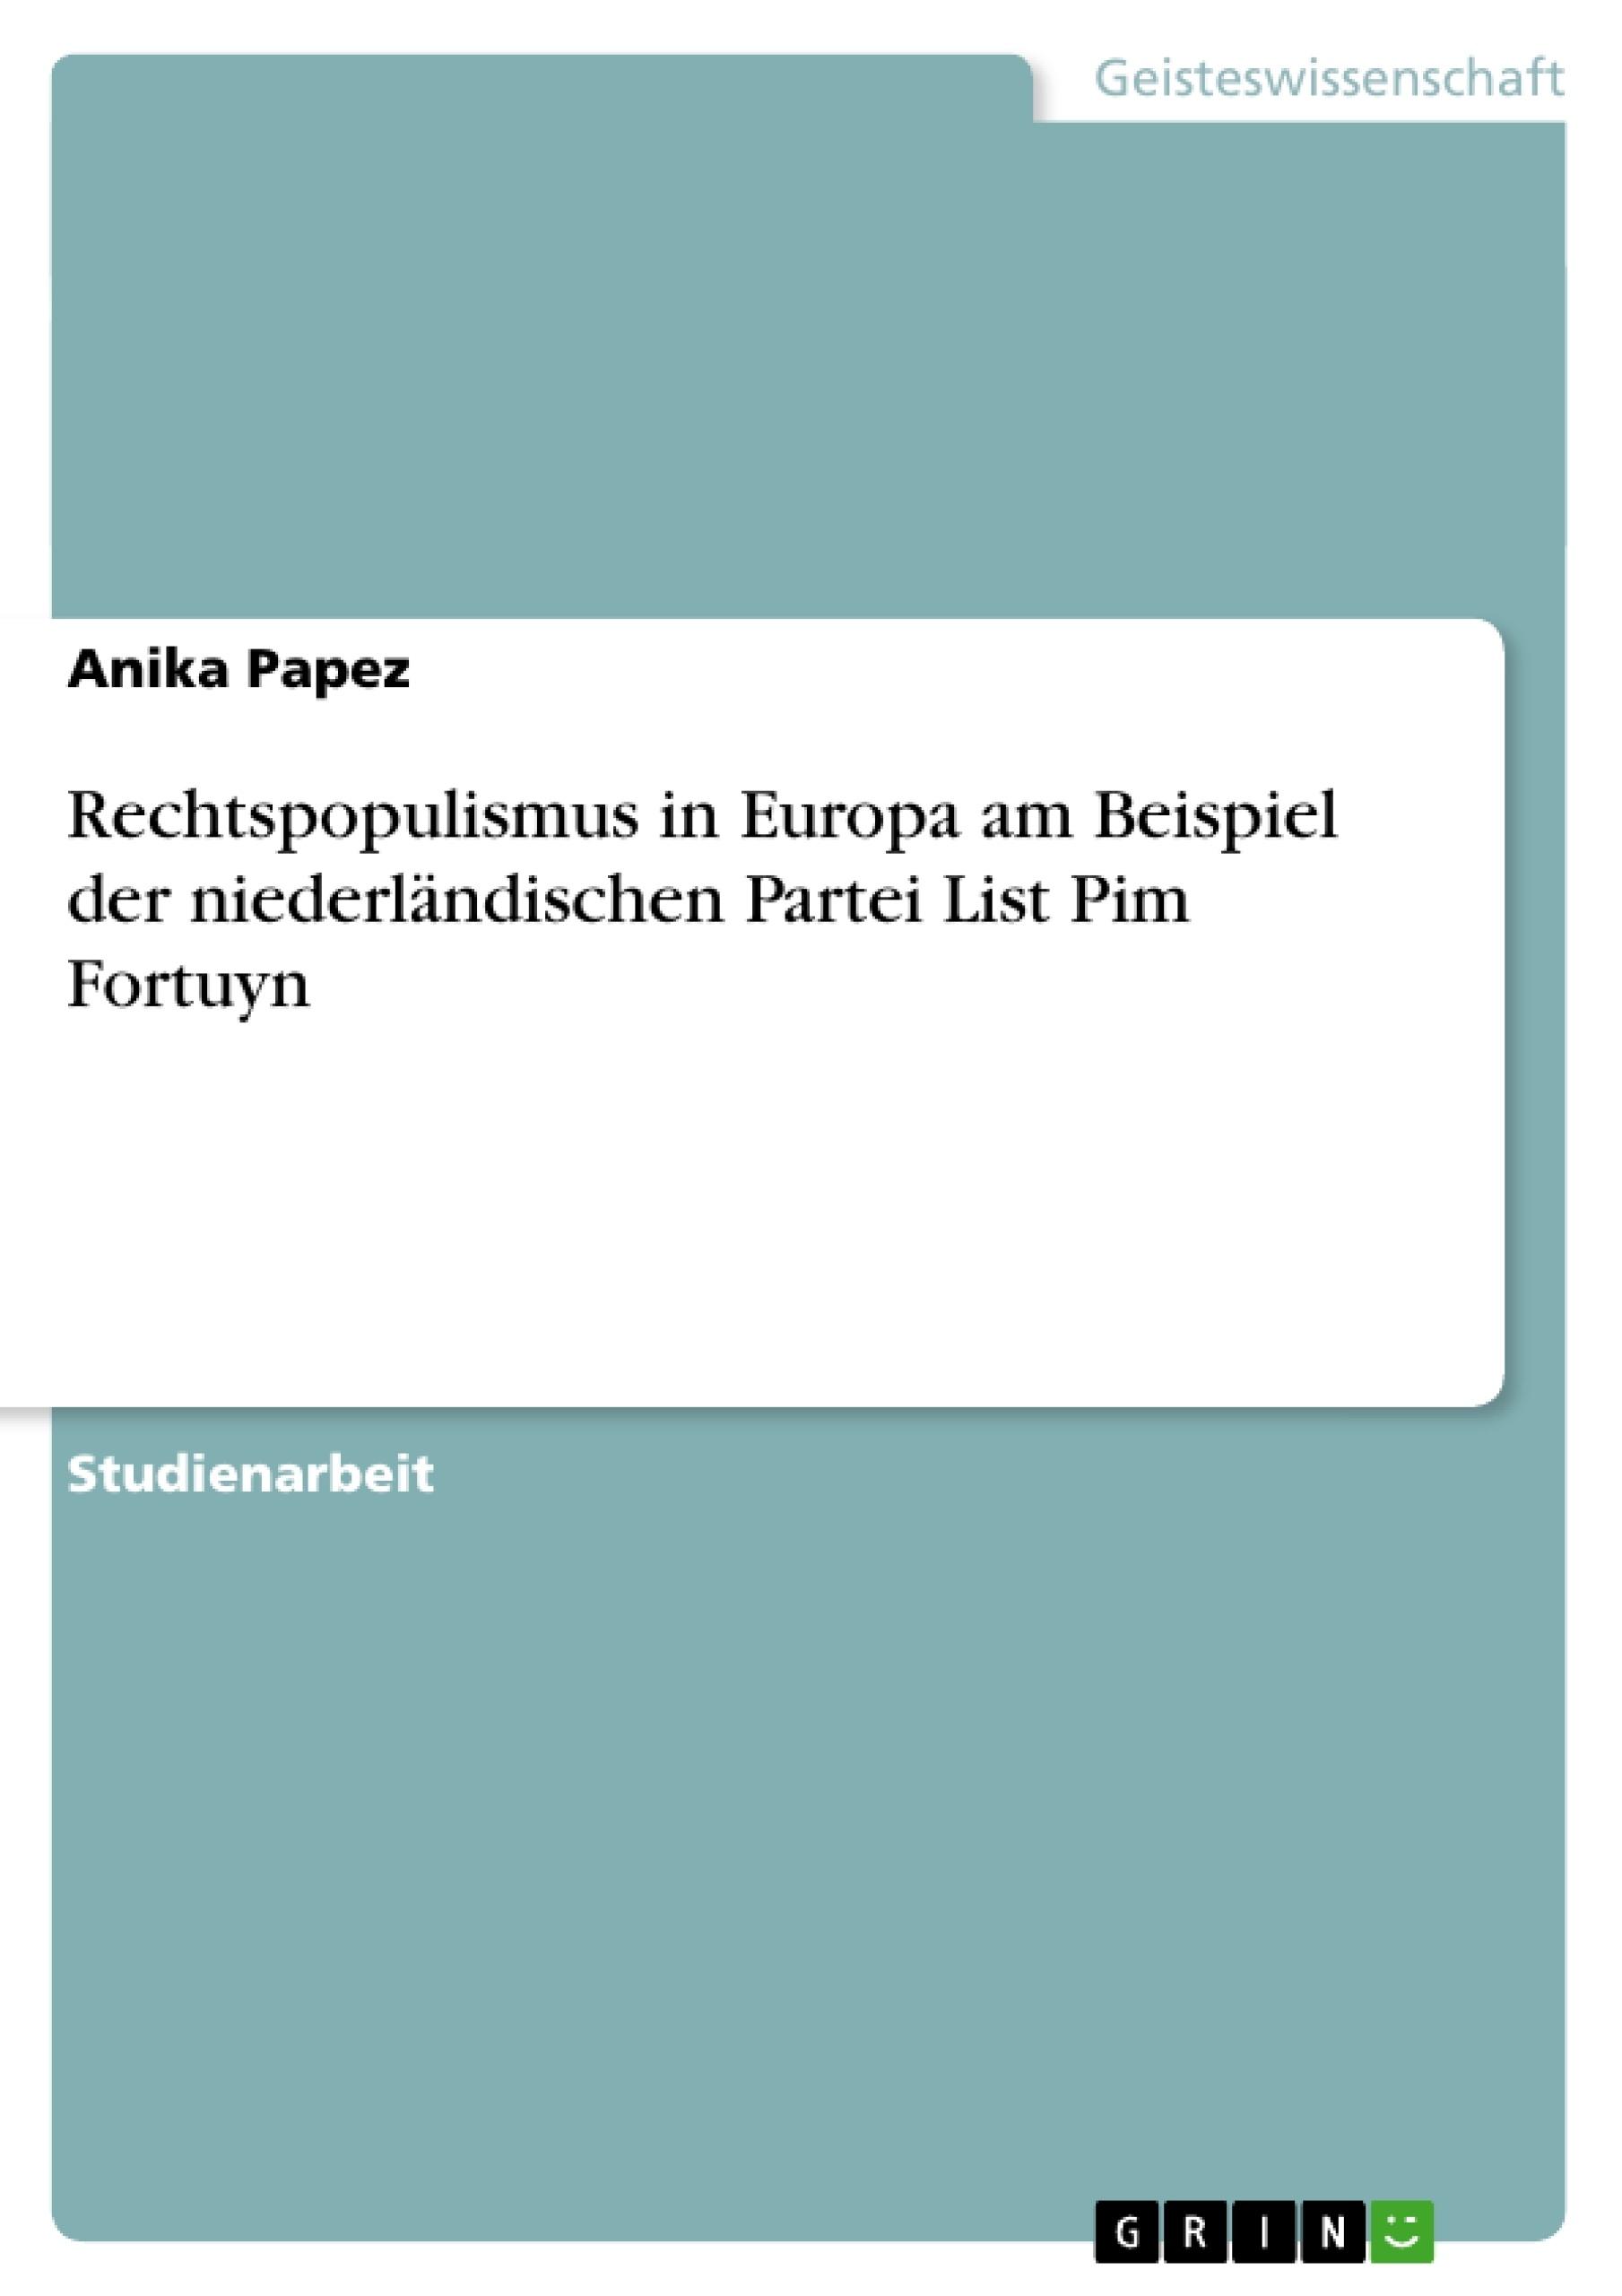 Titel: Rechtspopulismus in Europa                   am Beispiel der niederländischen Partei List Pim Fortuyn